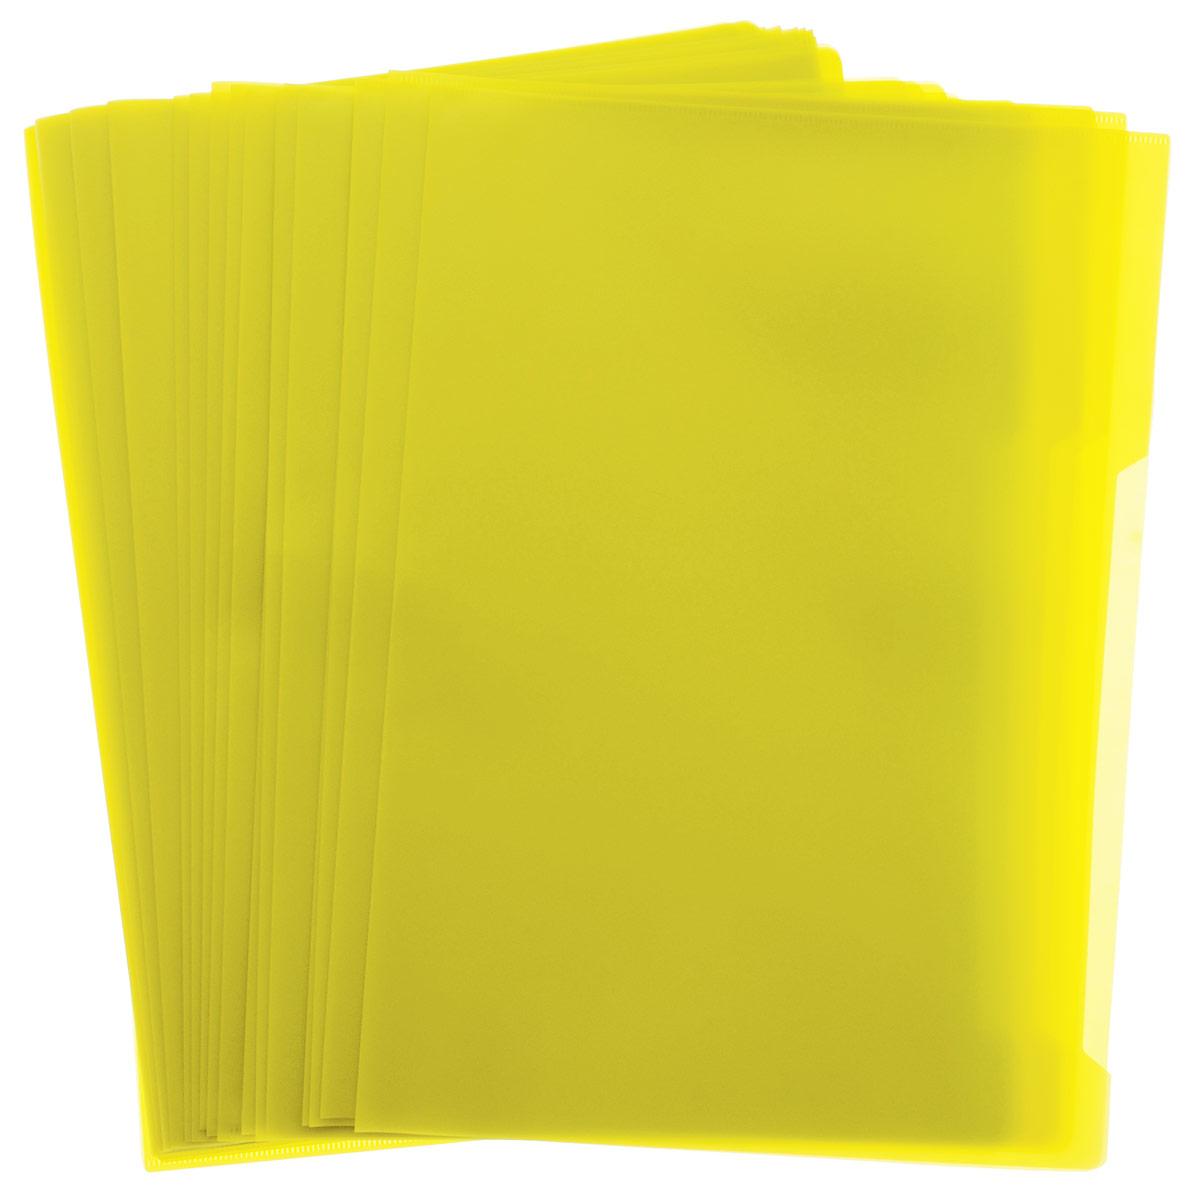 Durable Папка-уголок цвет желтый 50 шт37838_синий, розовыйПапка-уголок Durable, изготовленная из высококачественного полипропилена, это удобный и практичный офисный инструмент, предназначенный для хранения и транспортировки рабочих бумаг и документов формата А4. Папка оснащена выемкой для перелистывания листов. В наборе - 50 папок.Папка-уголок - это незаменимый атрибут для студента, школьника, офисного работника. Такая папка надежно сохранит ваши документы и сбережет их от повреждений, пыли и влаги.